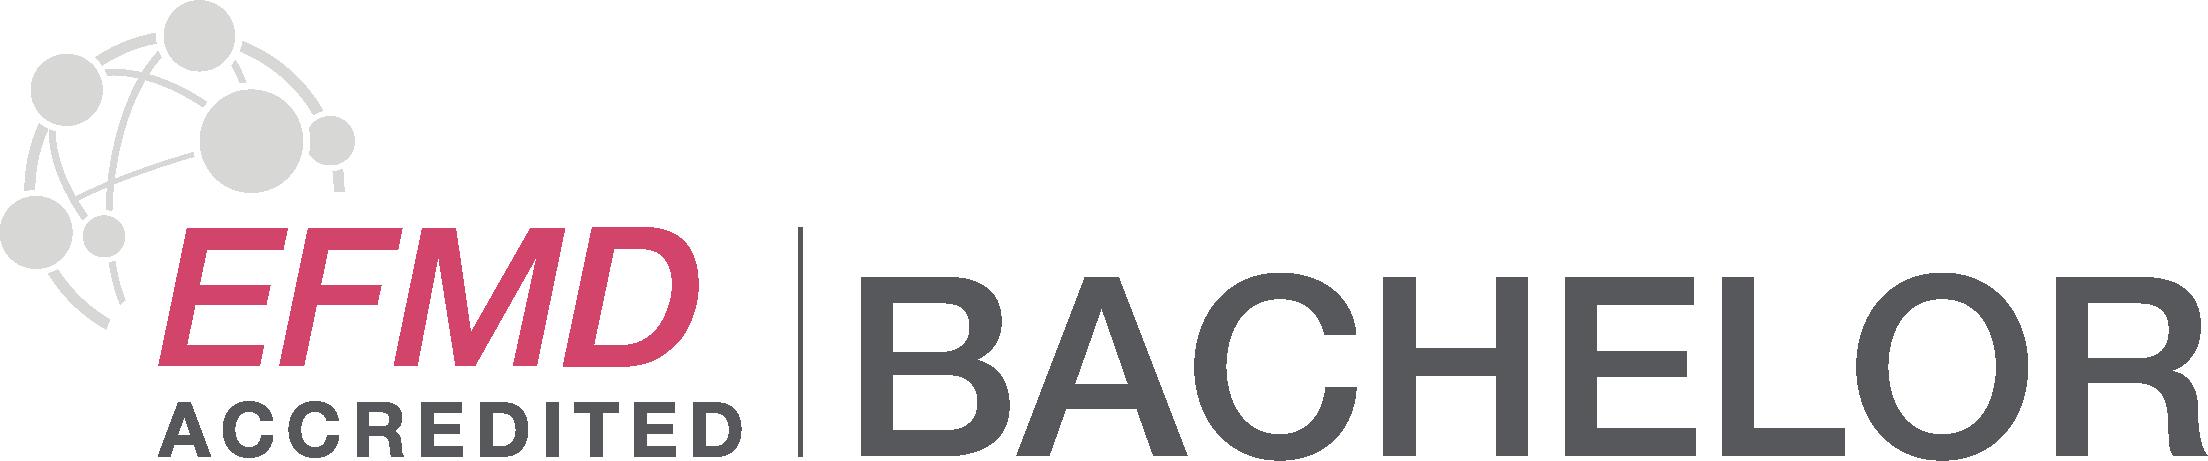 logo EFMD Accredited Bachelor